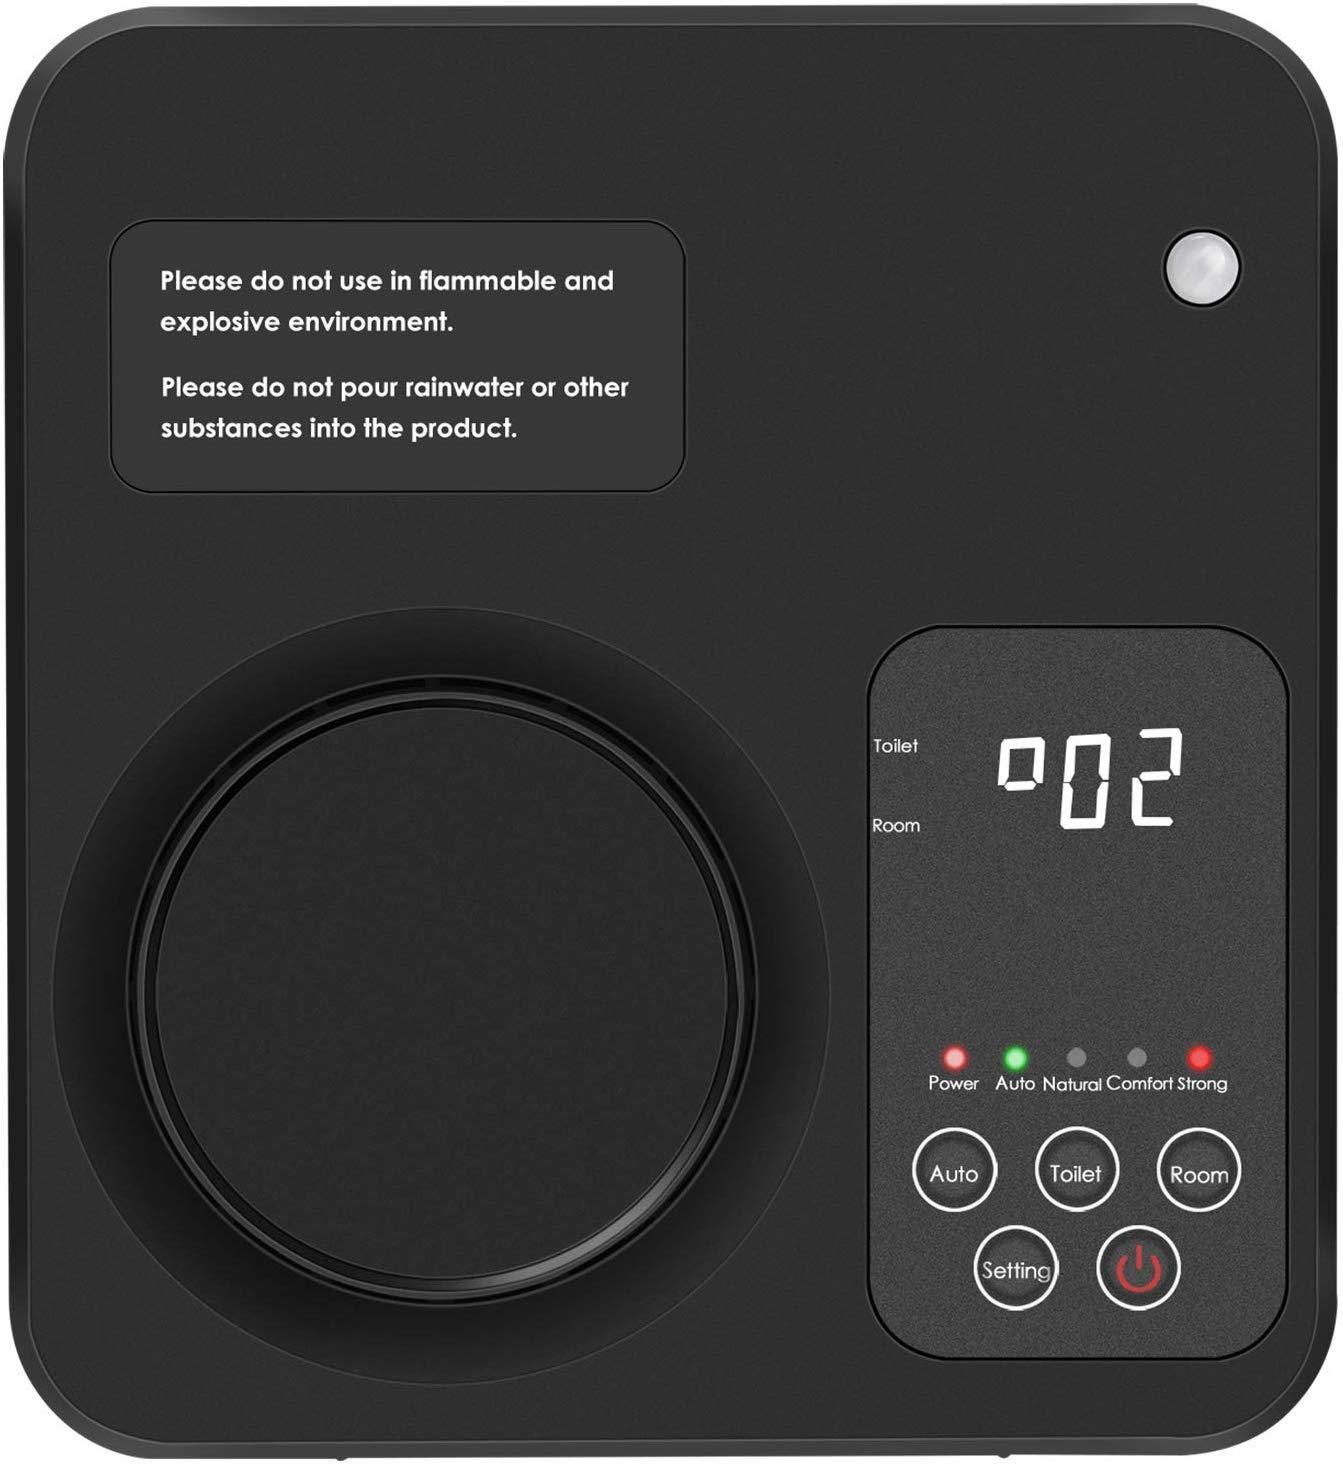 WANXIAN Purificador De Aire Inicio Generador De Ozono Ionizador De Aire Desodorizador De Eliminaci/ón De Olores No Es Necesario Reemplazar El filtro.